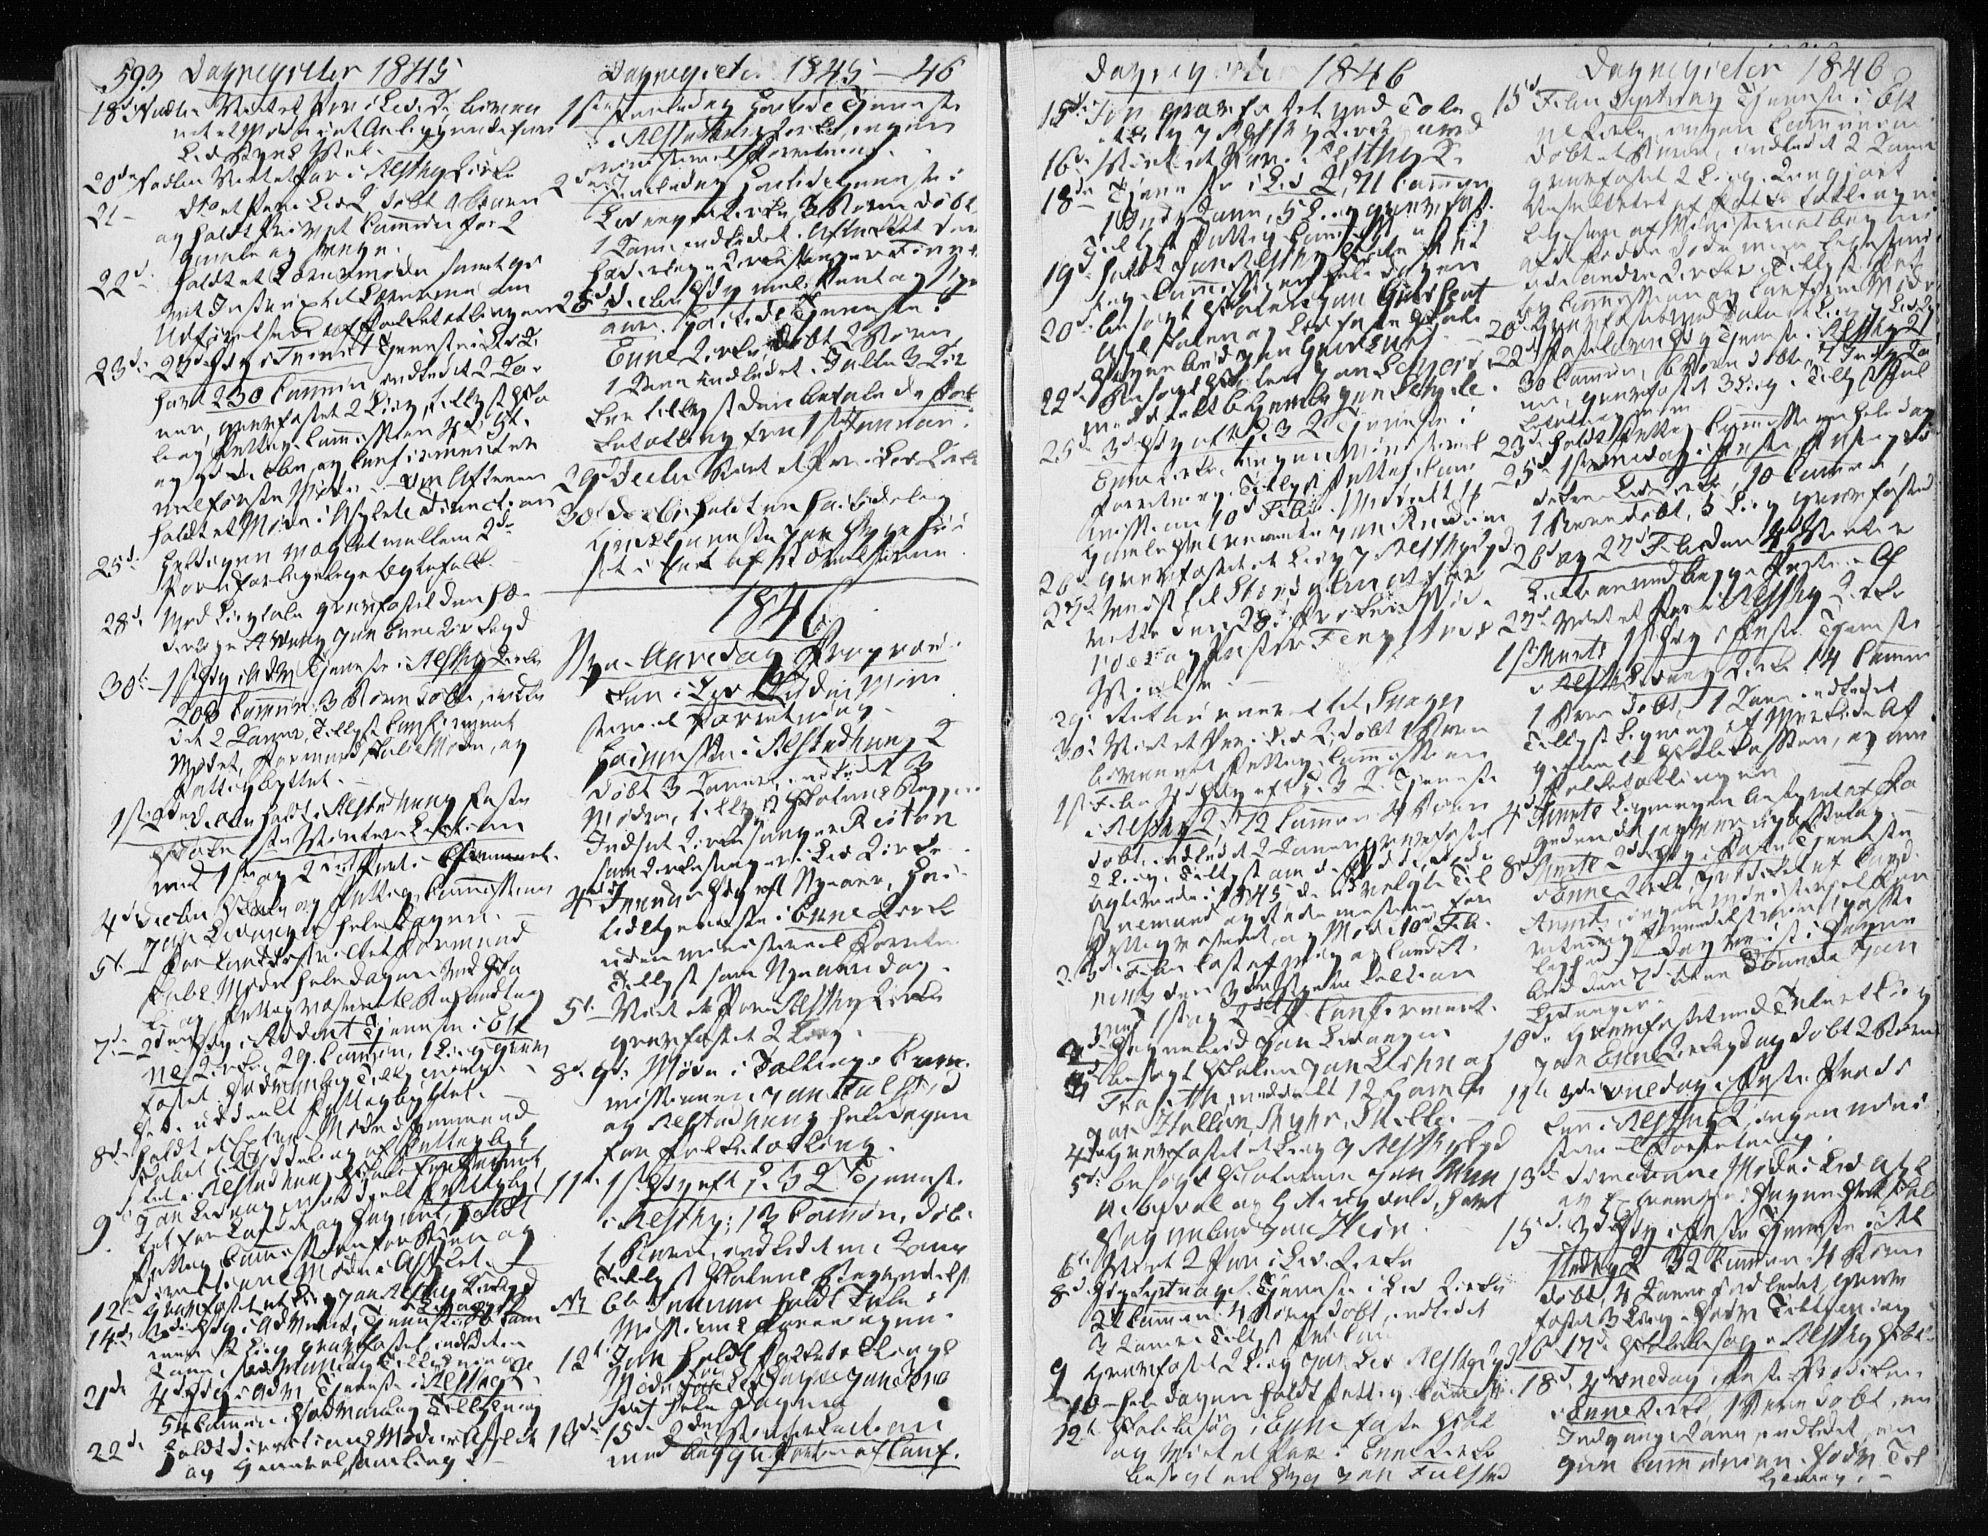 SAT, Ministerialprotokoller, klokkerbøker og fødselsregistre - Nord-Trøndelag, 717/L0154: Ministerialbok nr. 717A06 /1, 1836-1849, s. 593